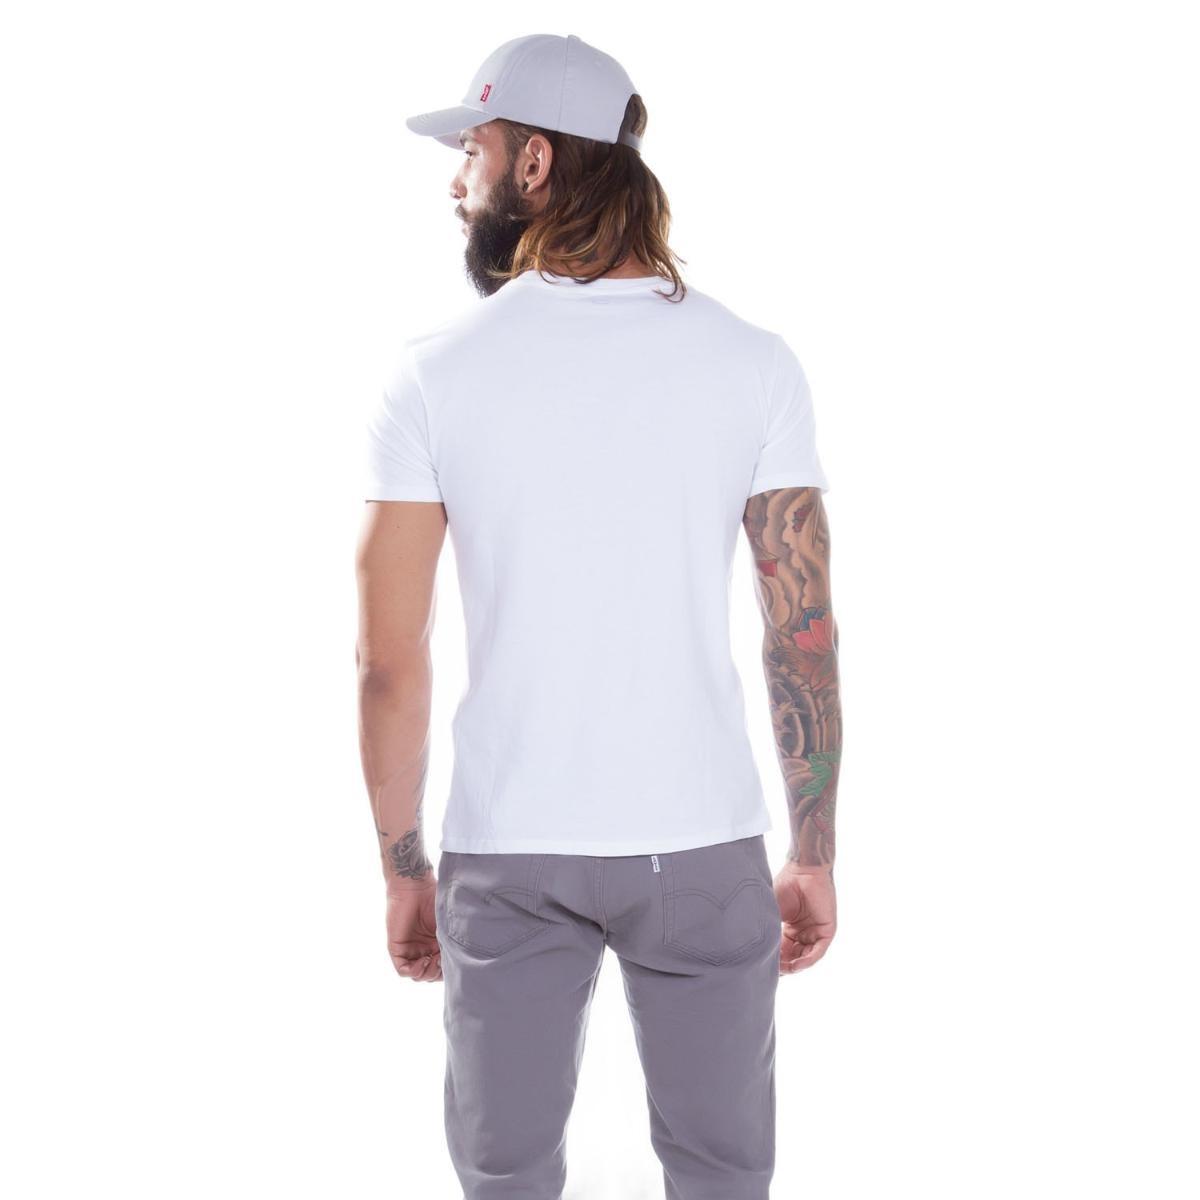 camiseta levi s masculino graphic two horse branco. Carregando zoom. 5a26948fbd2